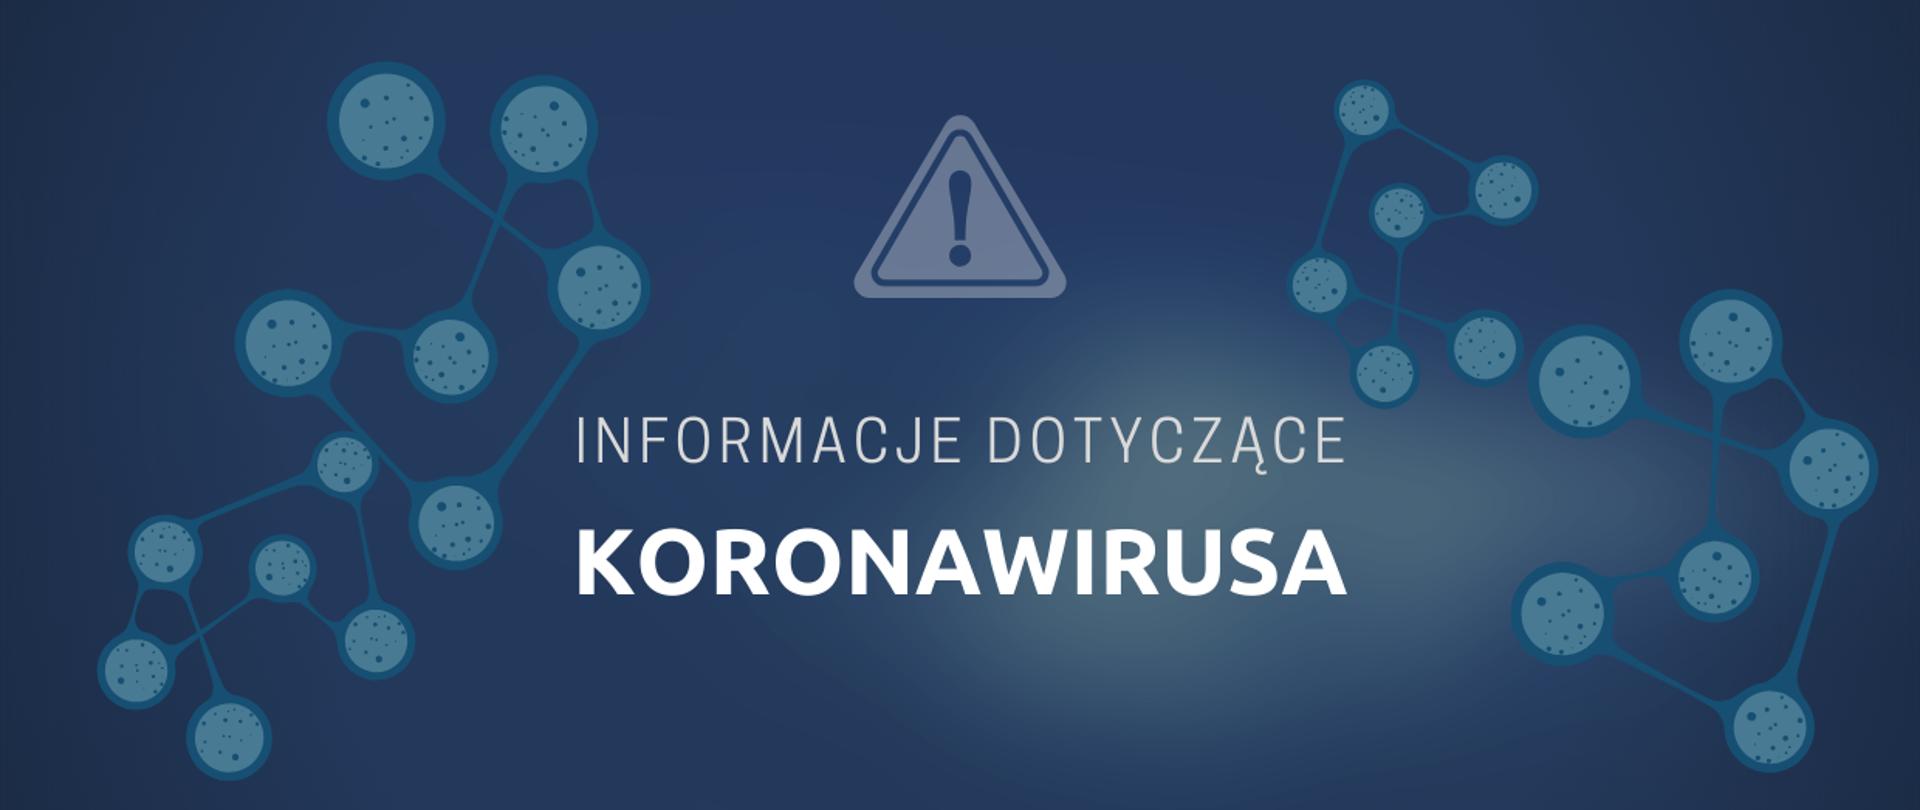 Aktualna informacja w sprawie zamknięcia granic Litwy - Polska na Litwie -  Portal Gov.pl